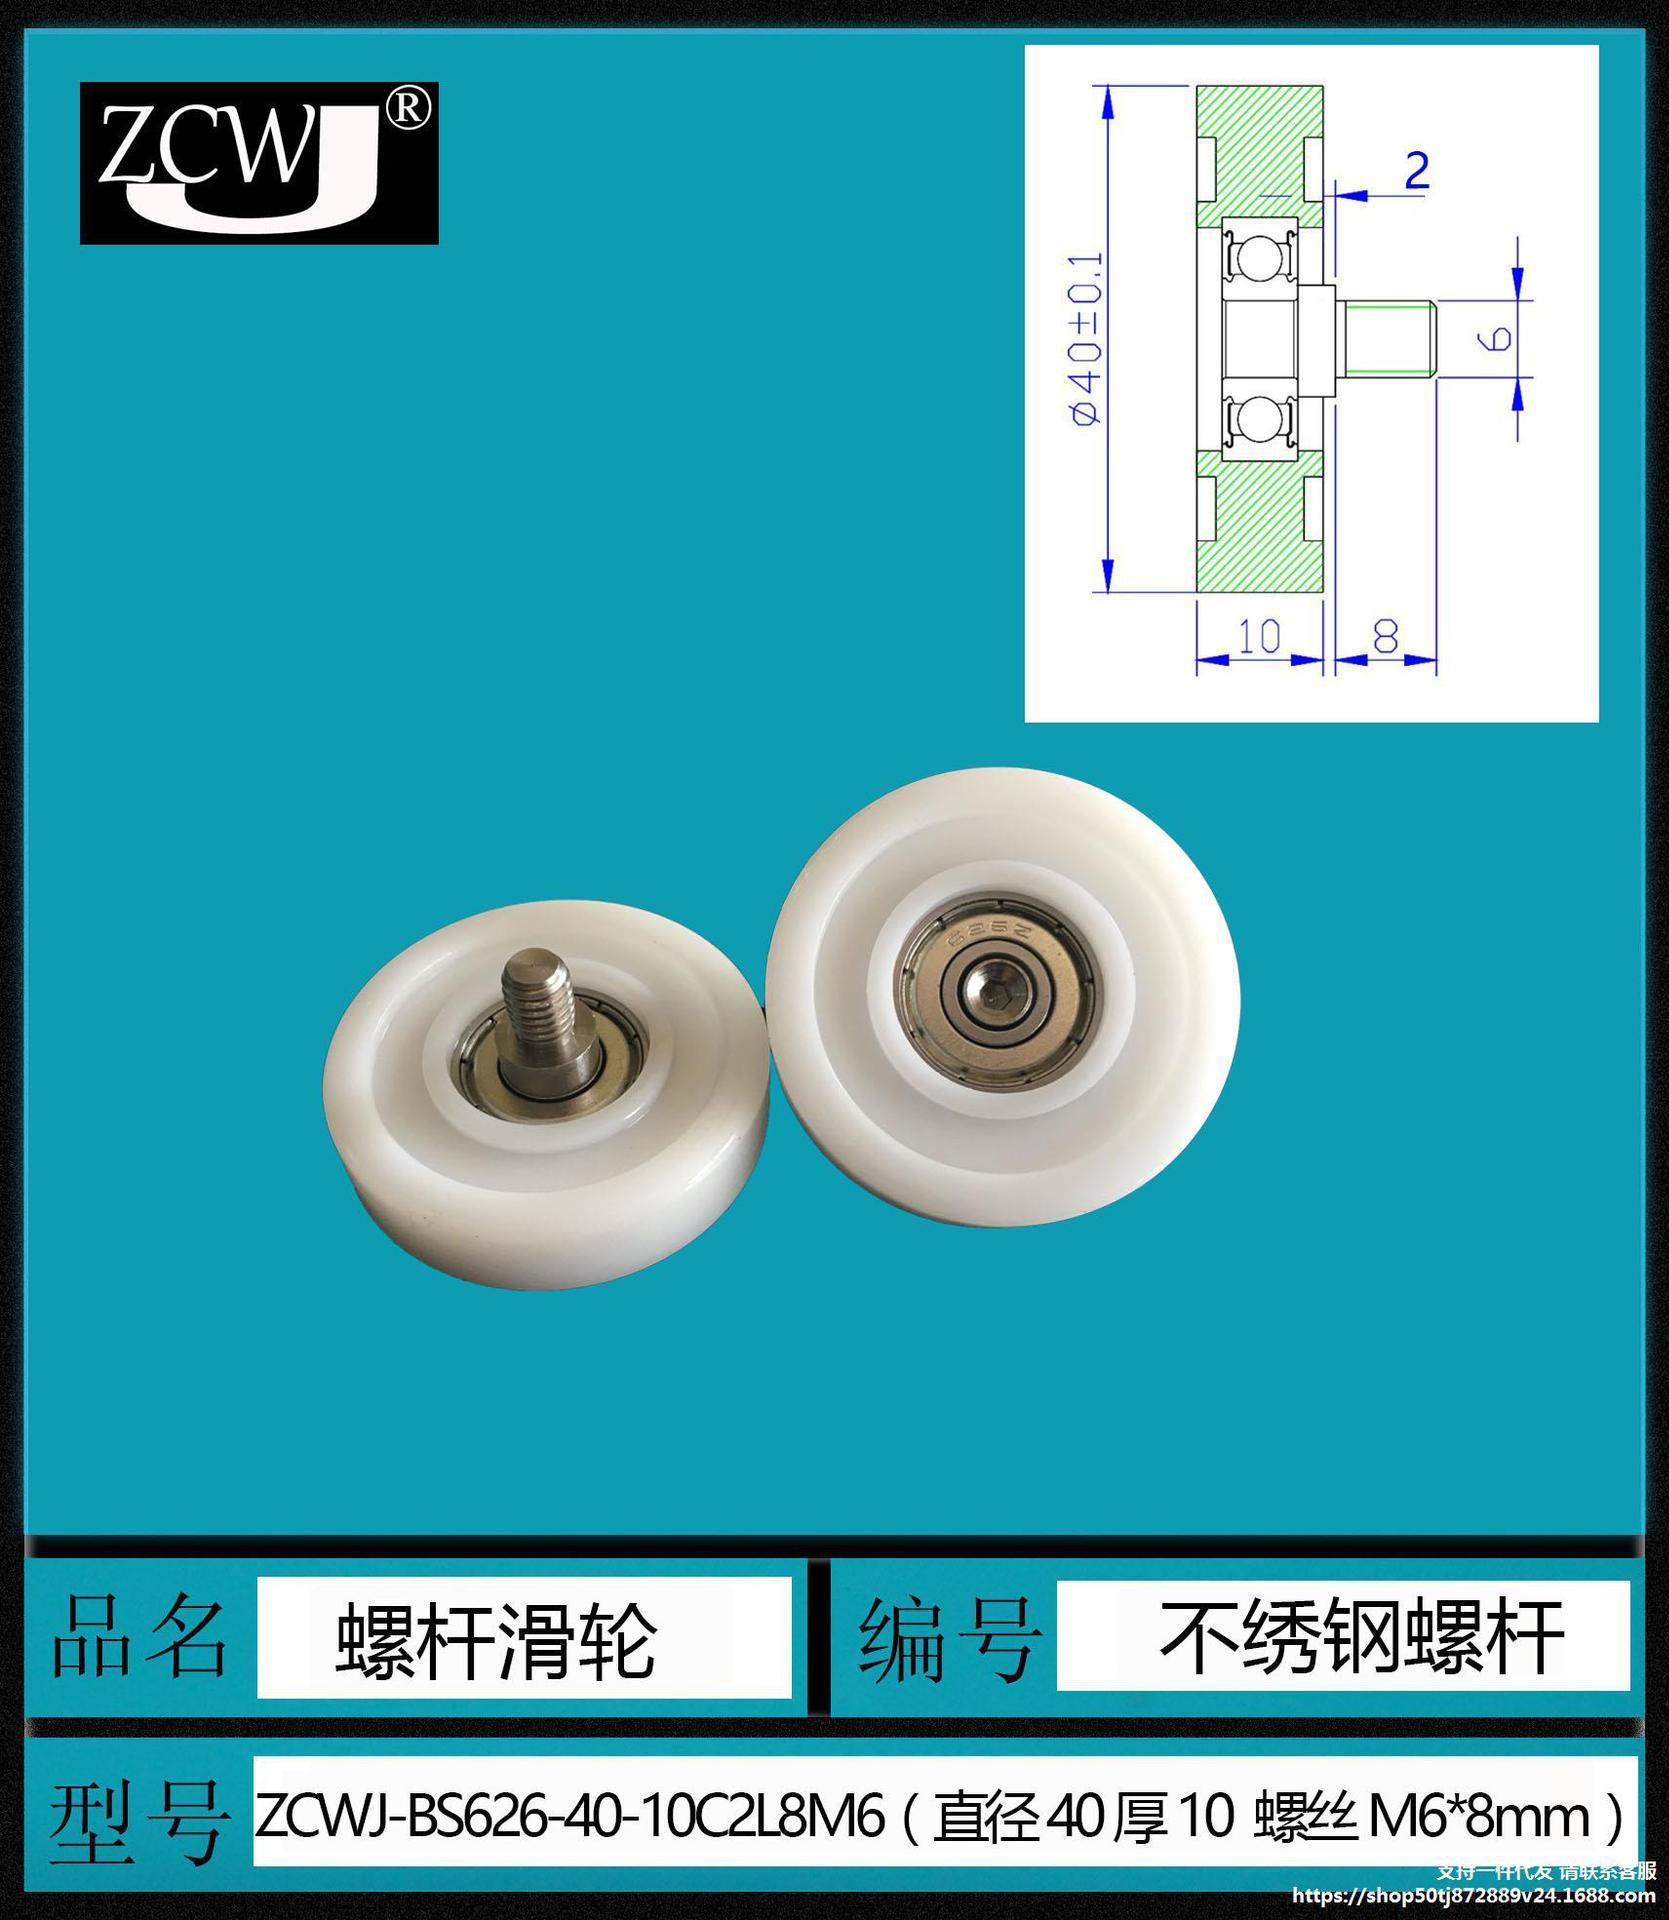 包塑轴承轮塑料尼龙滑轮带不锈钢螺杆滑轮加轴外螺纹M3 4M6 M8 10